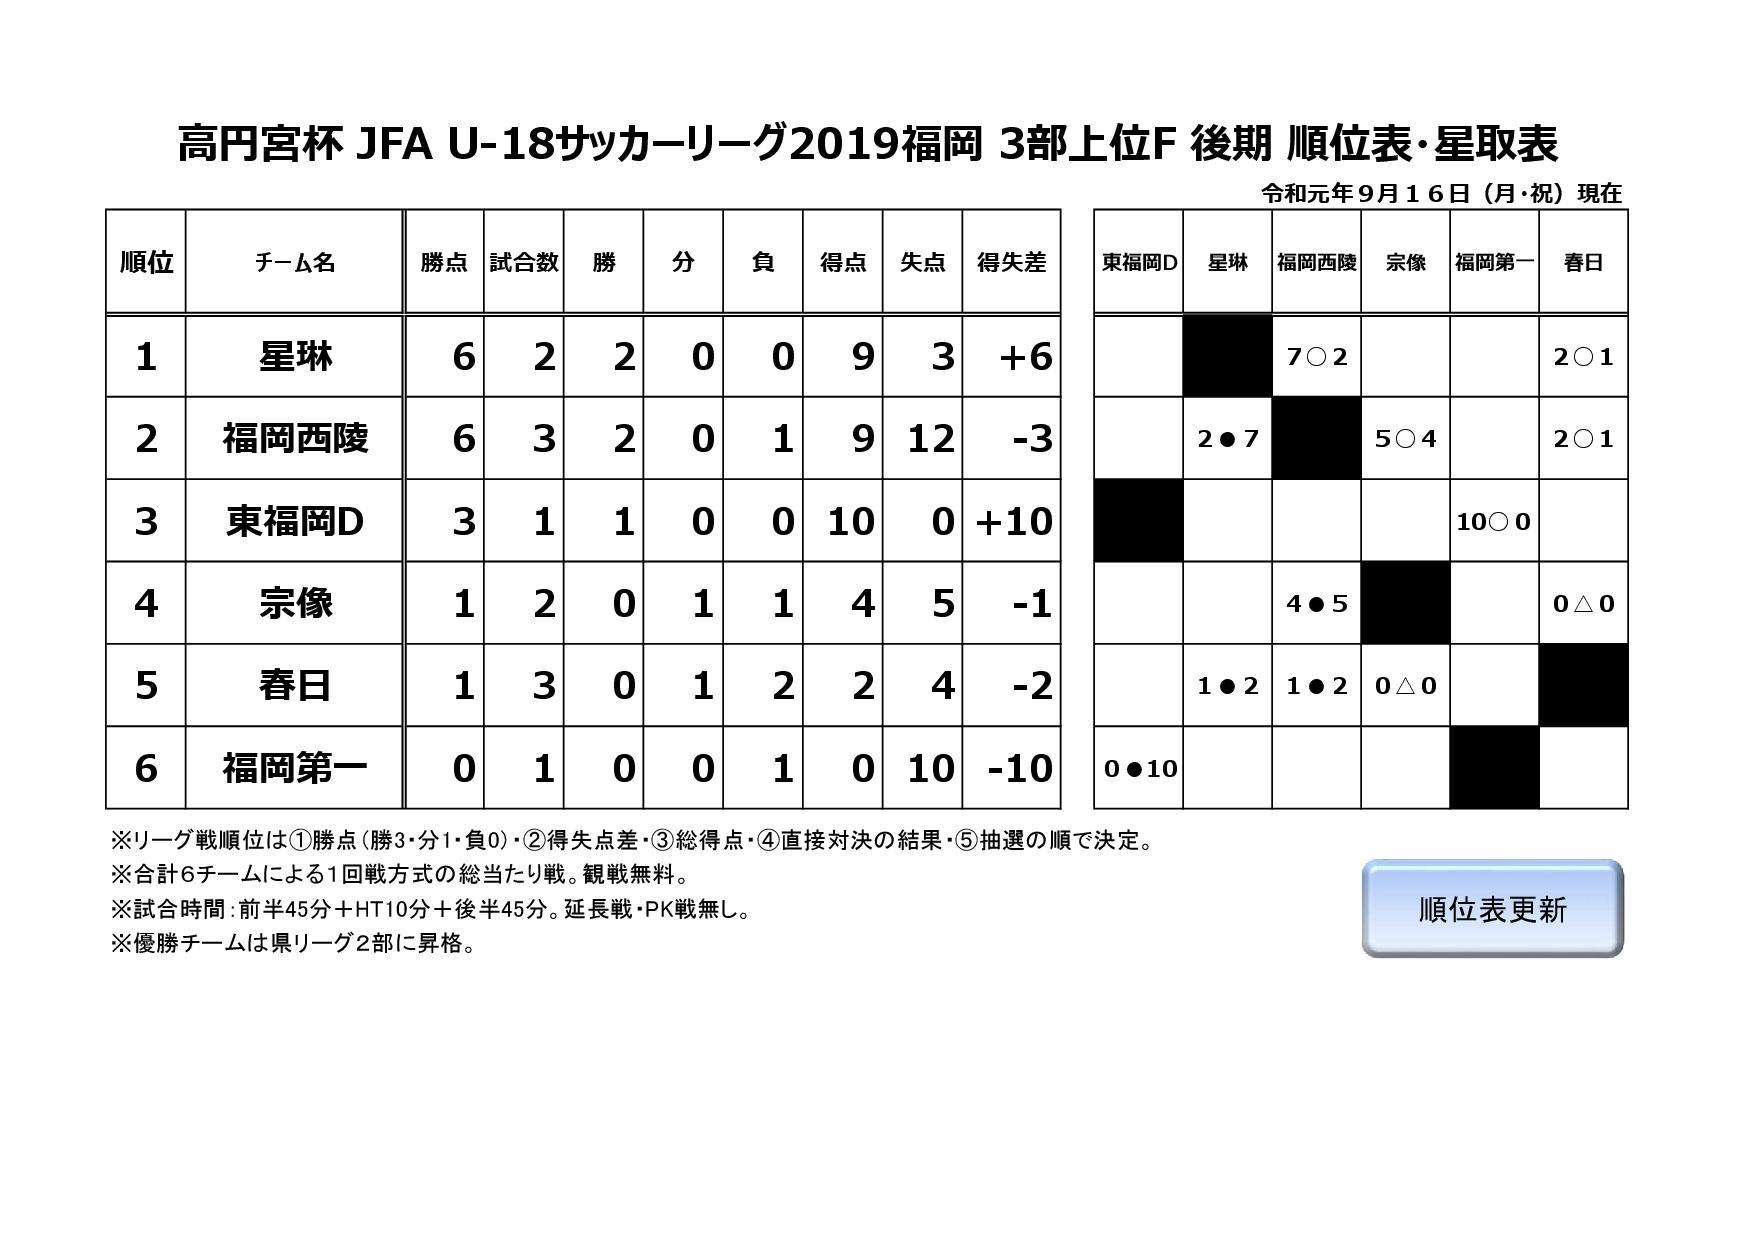 高円宮杯 JFA U-18サッカーリーグ2019福岡3部上位F